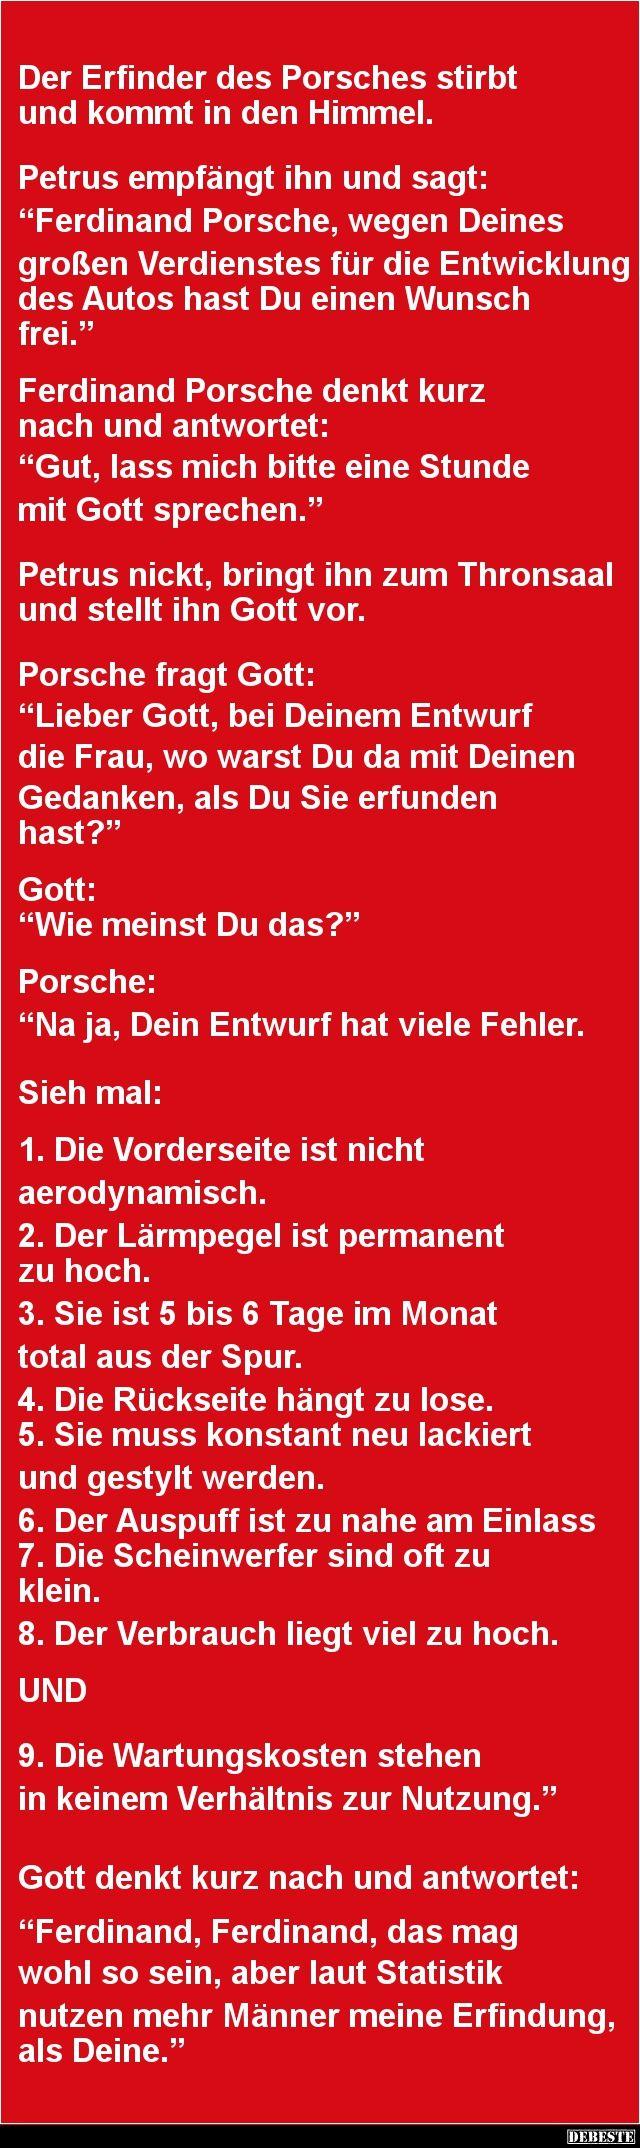 Der Erfinder des Porsches stirbt und kommt in den Himmel | DEBESTE.de, Lustige Bilder, Sprüche, Witze und Videos